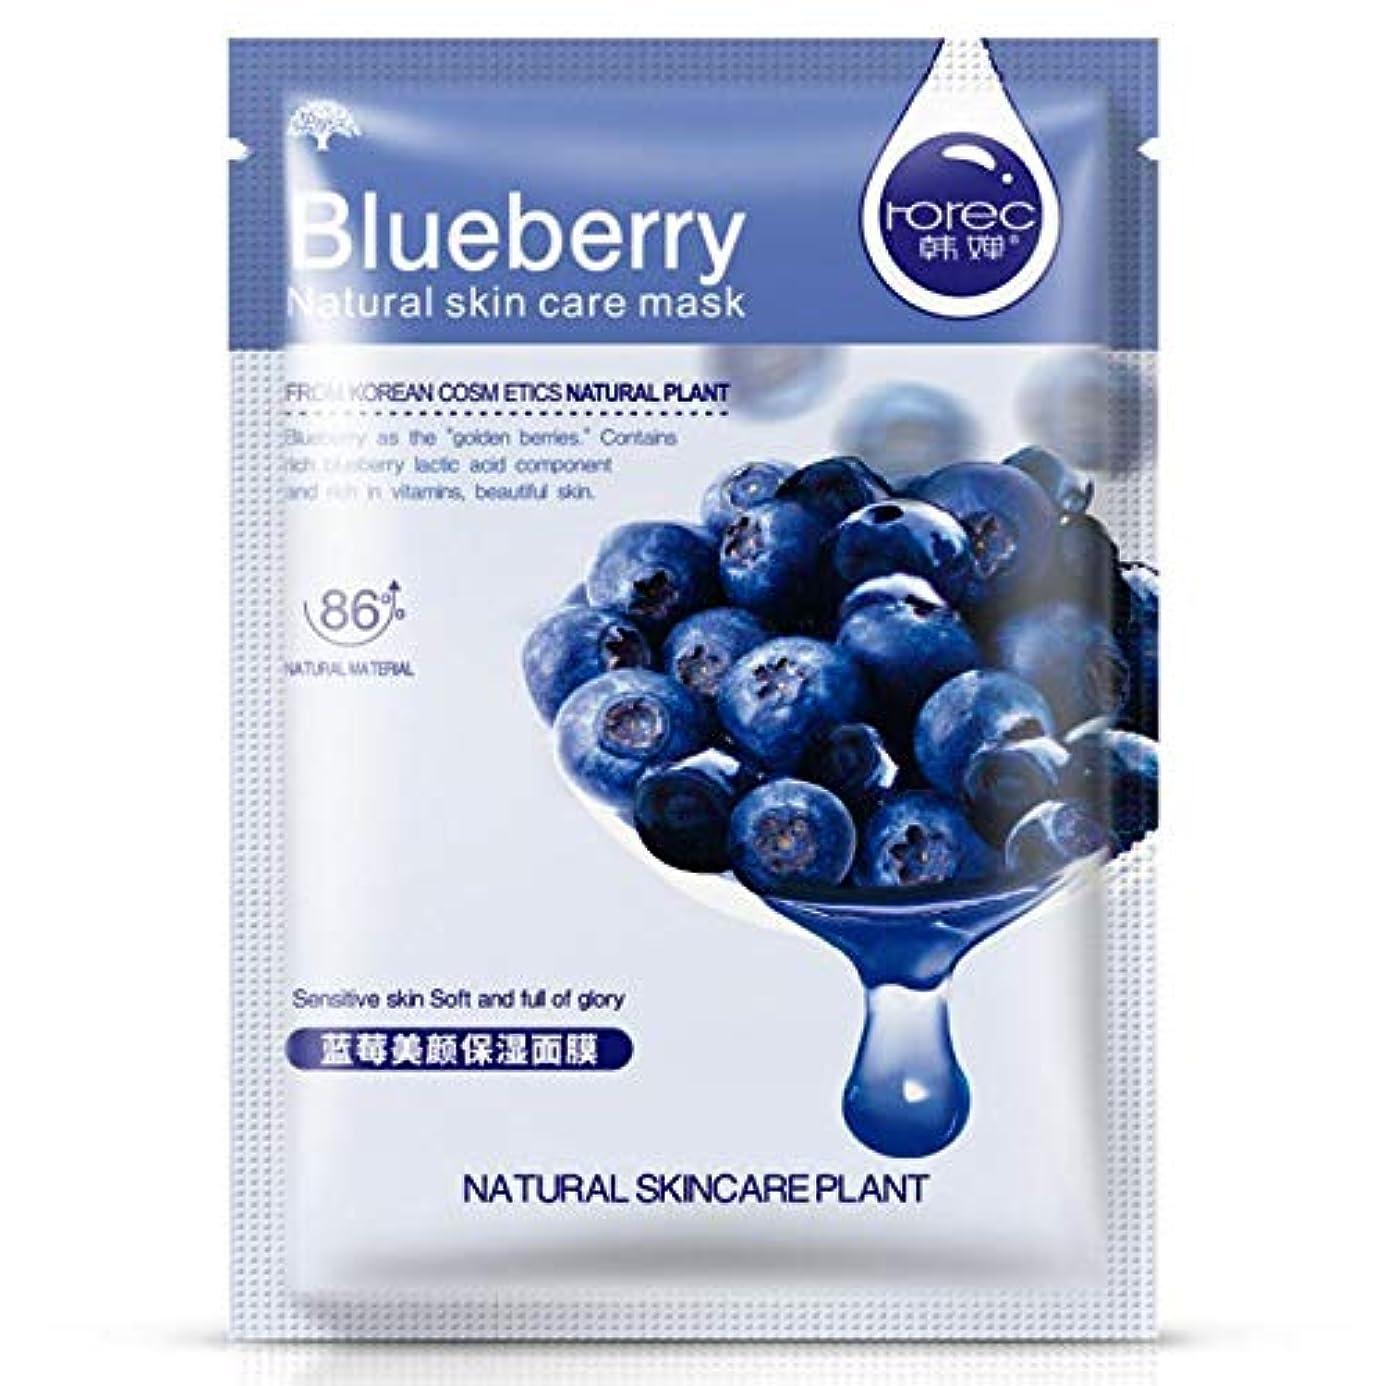 パンサー公平蓮(Blueberry) Skin Care Plant Facial Mask Moisturizing Oil Control Blackhead Remover Wrapped Mask Face Mask Face...